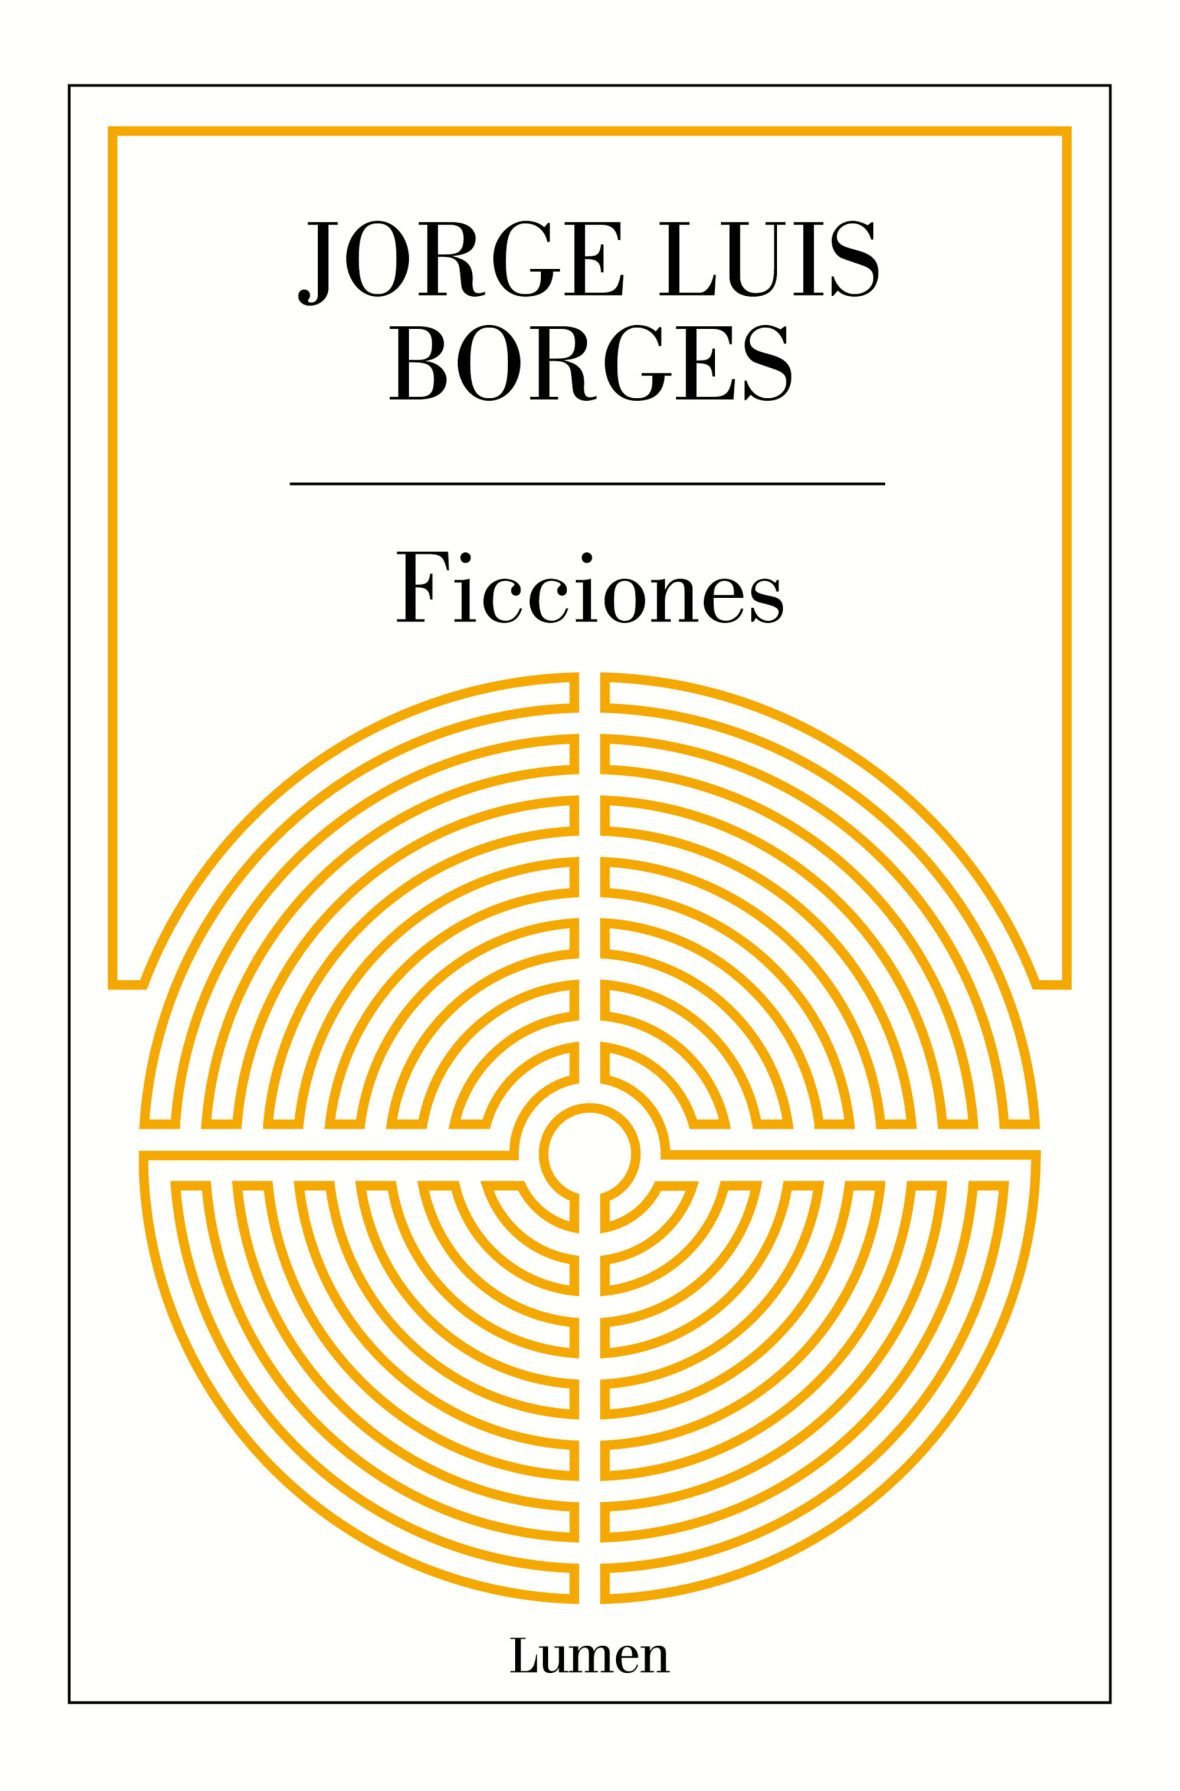 las ruinas circulares (en Ficciones) Borges